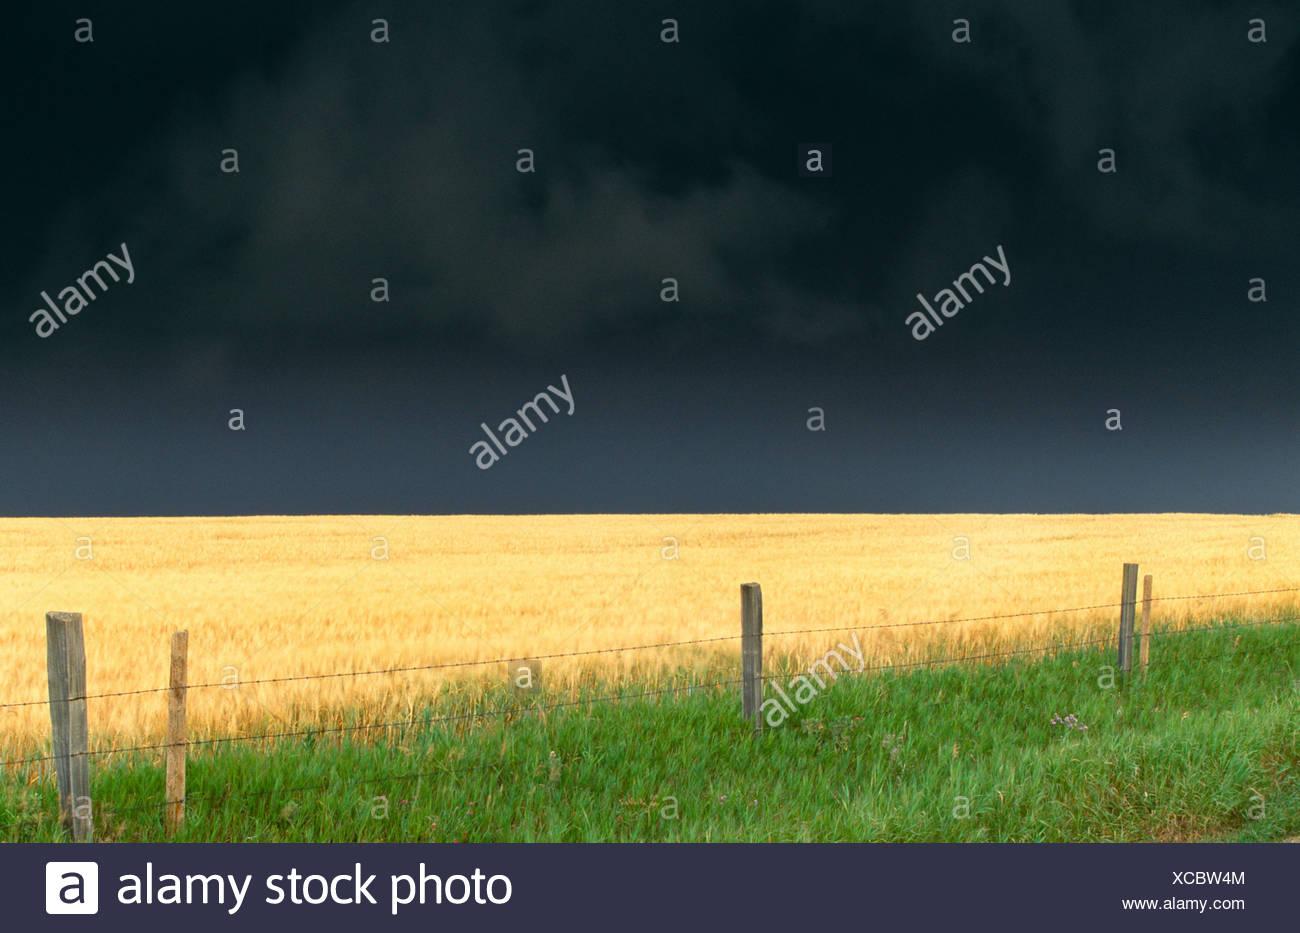 Los campos de trigo, Twin Buttes región, Alberta, Canadá Imagen De Stock